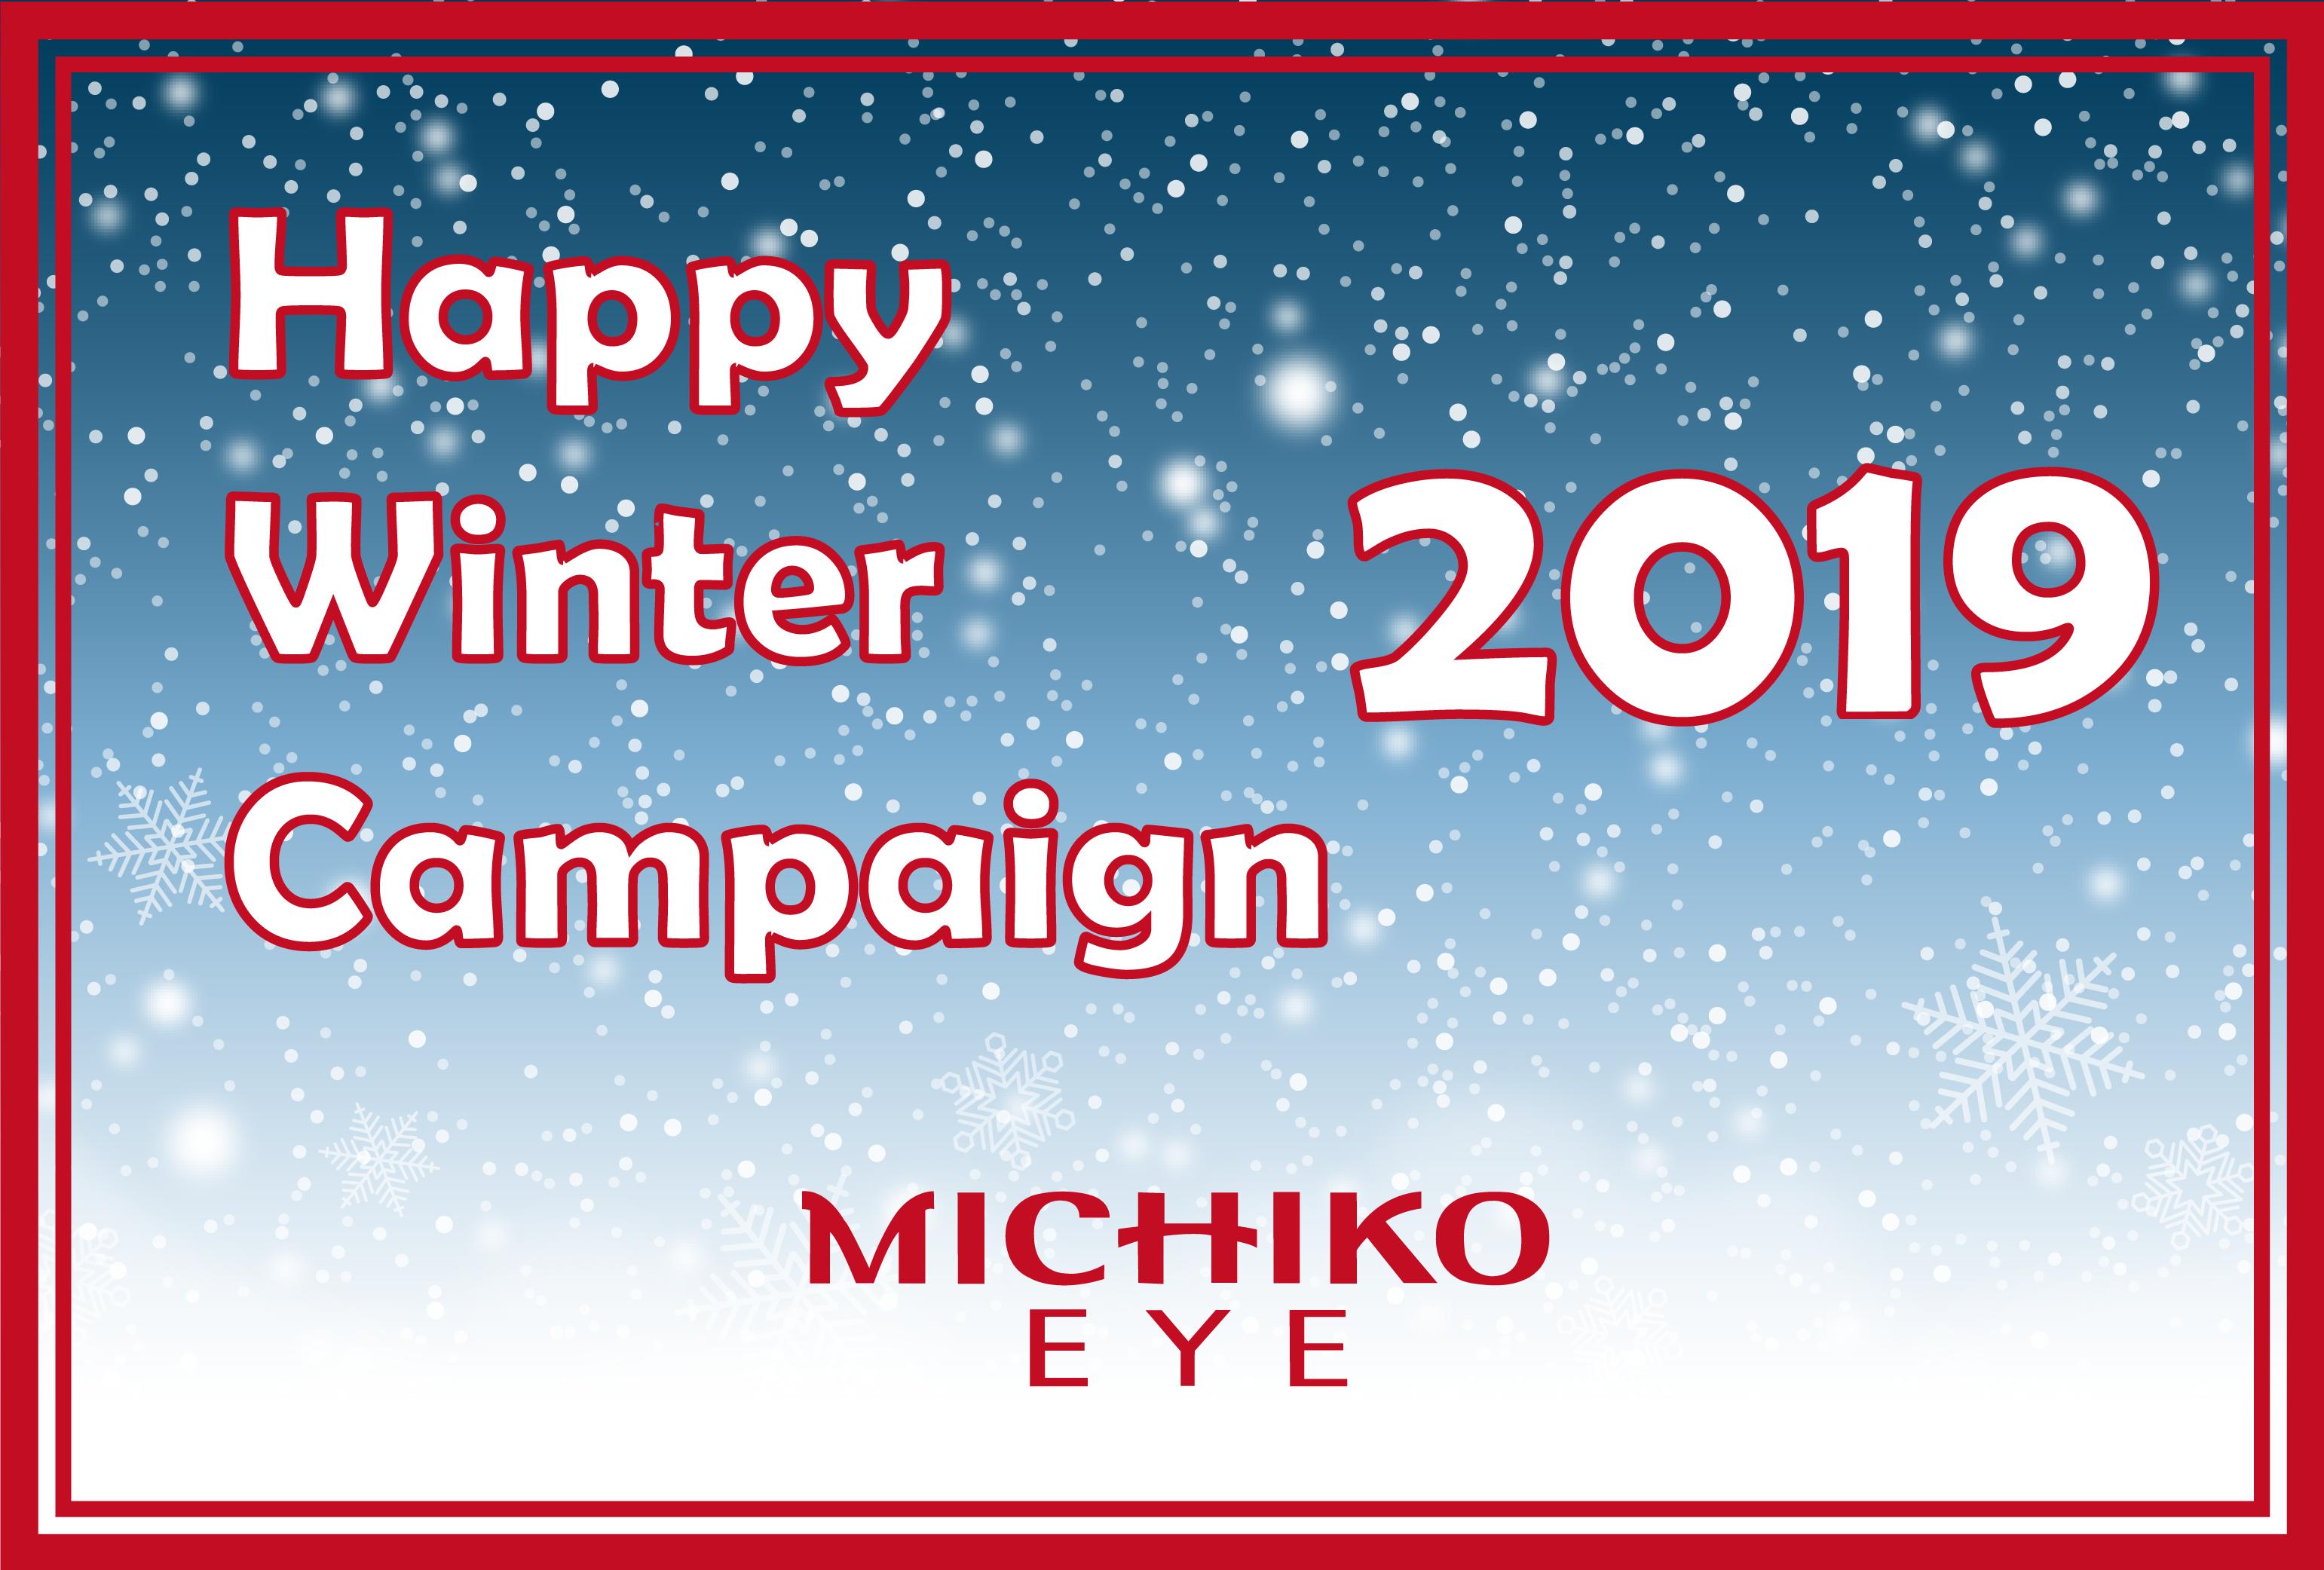 Happy Winter Campaign 2019